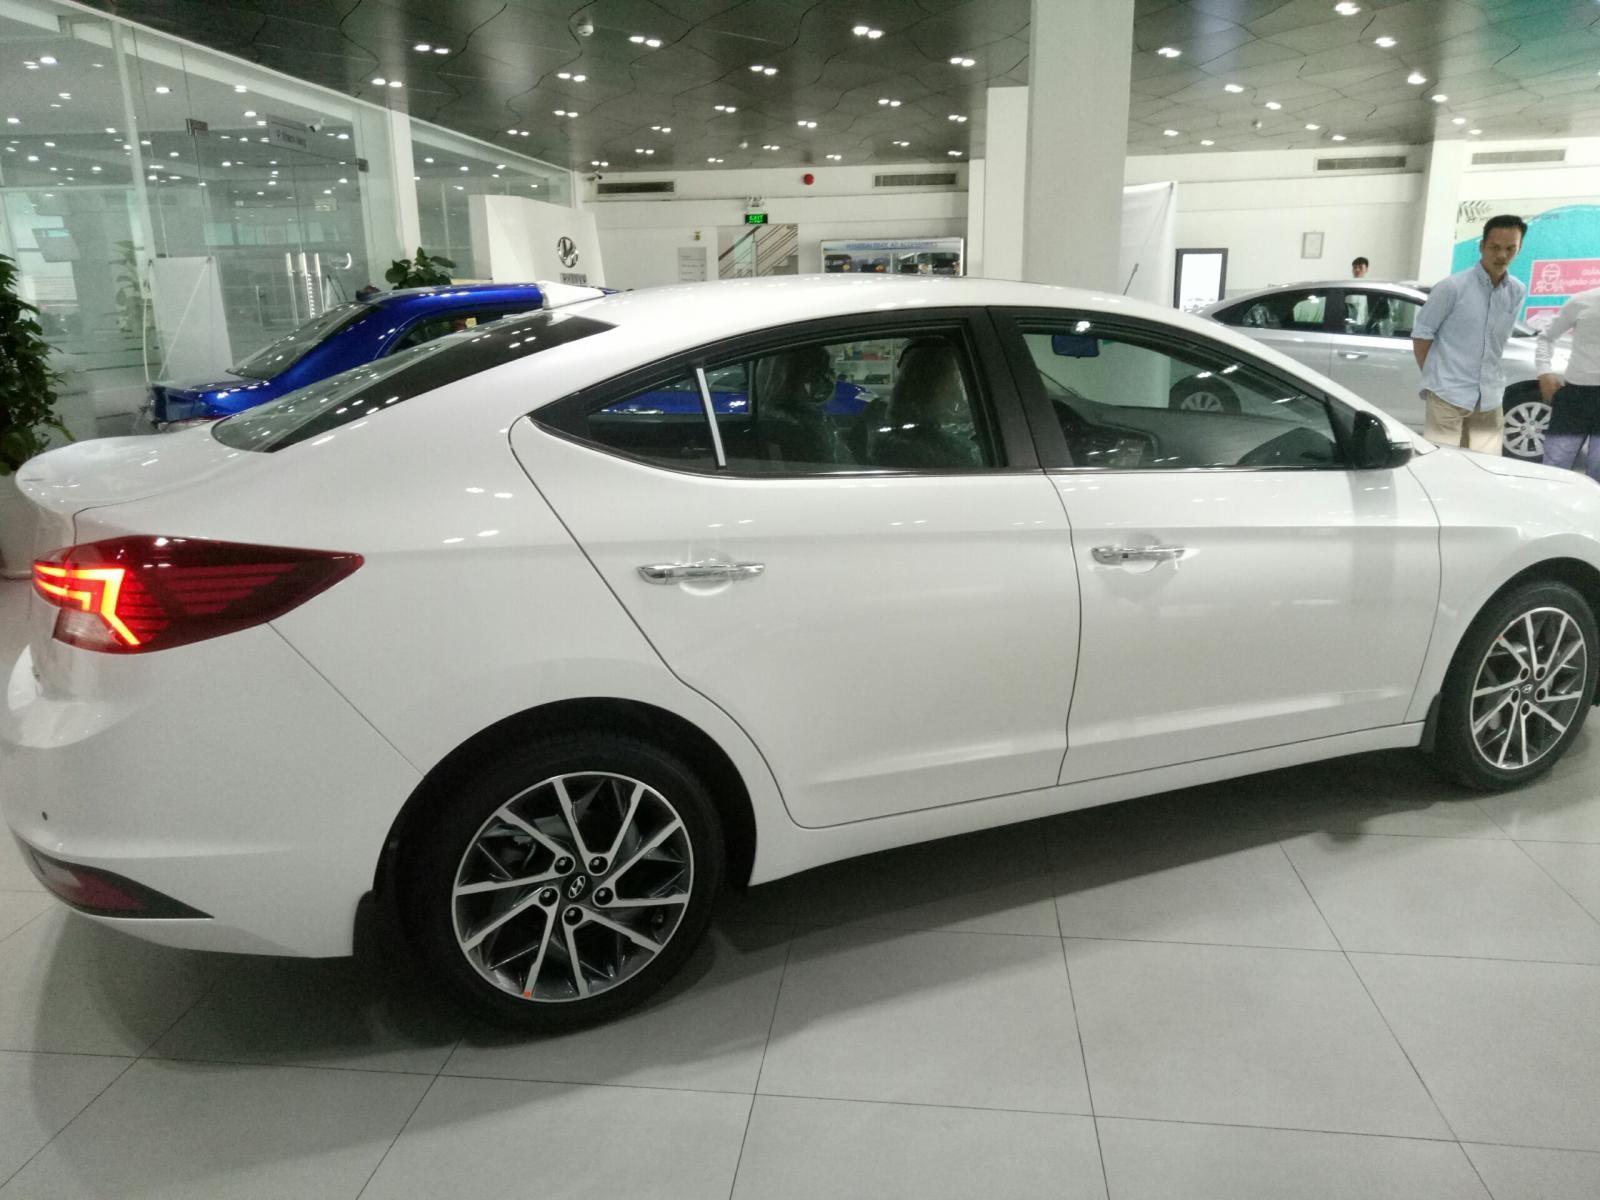 Bán xe Hyundai Elantra 1.6MT 2020, màu trắng giảm giá trực tiếp, vay NH 80%